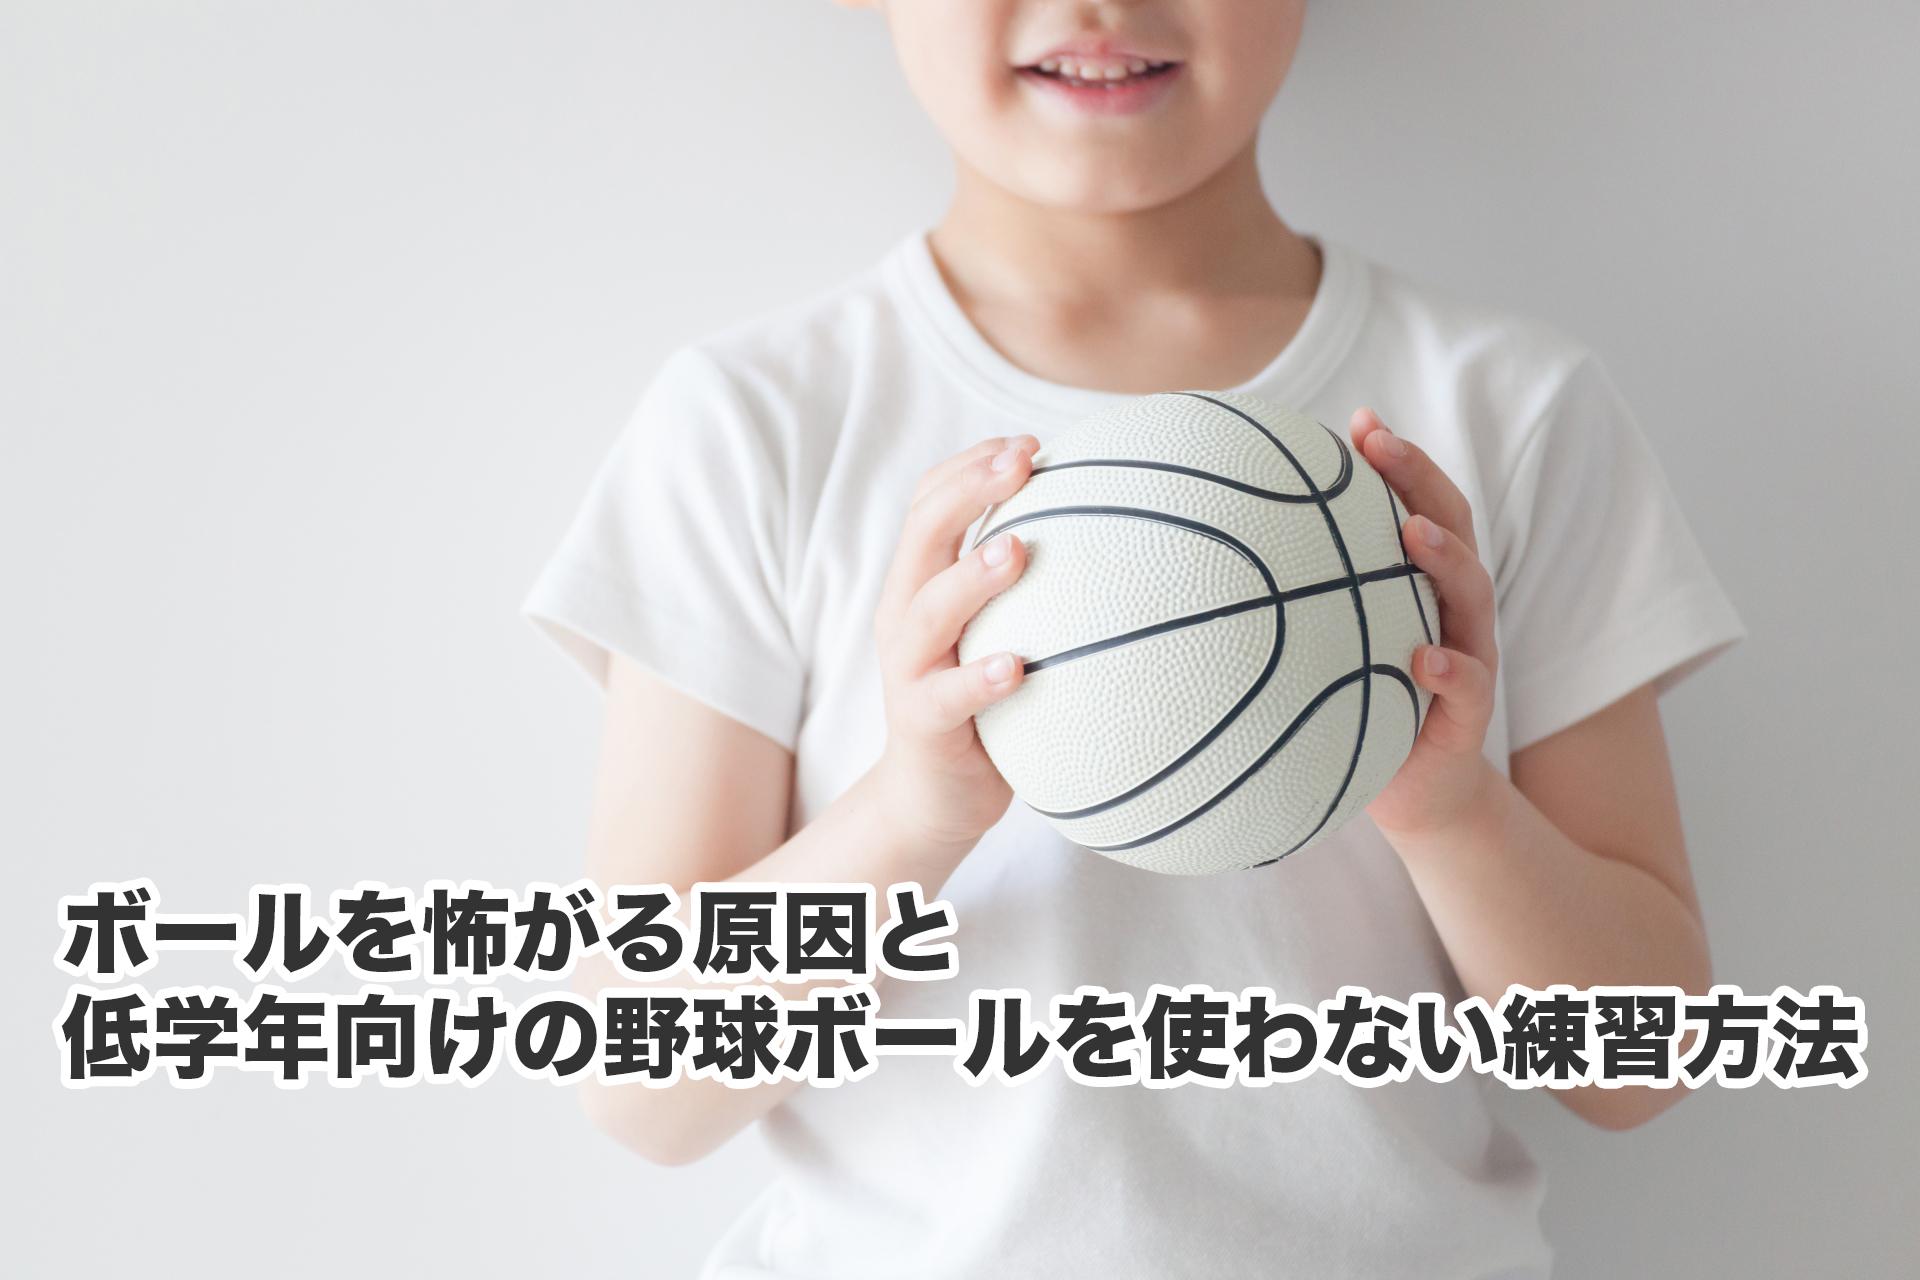 ボールを怖がる原因と低学年向けの野球ボールを使わない練習方法